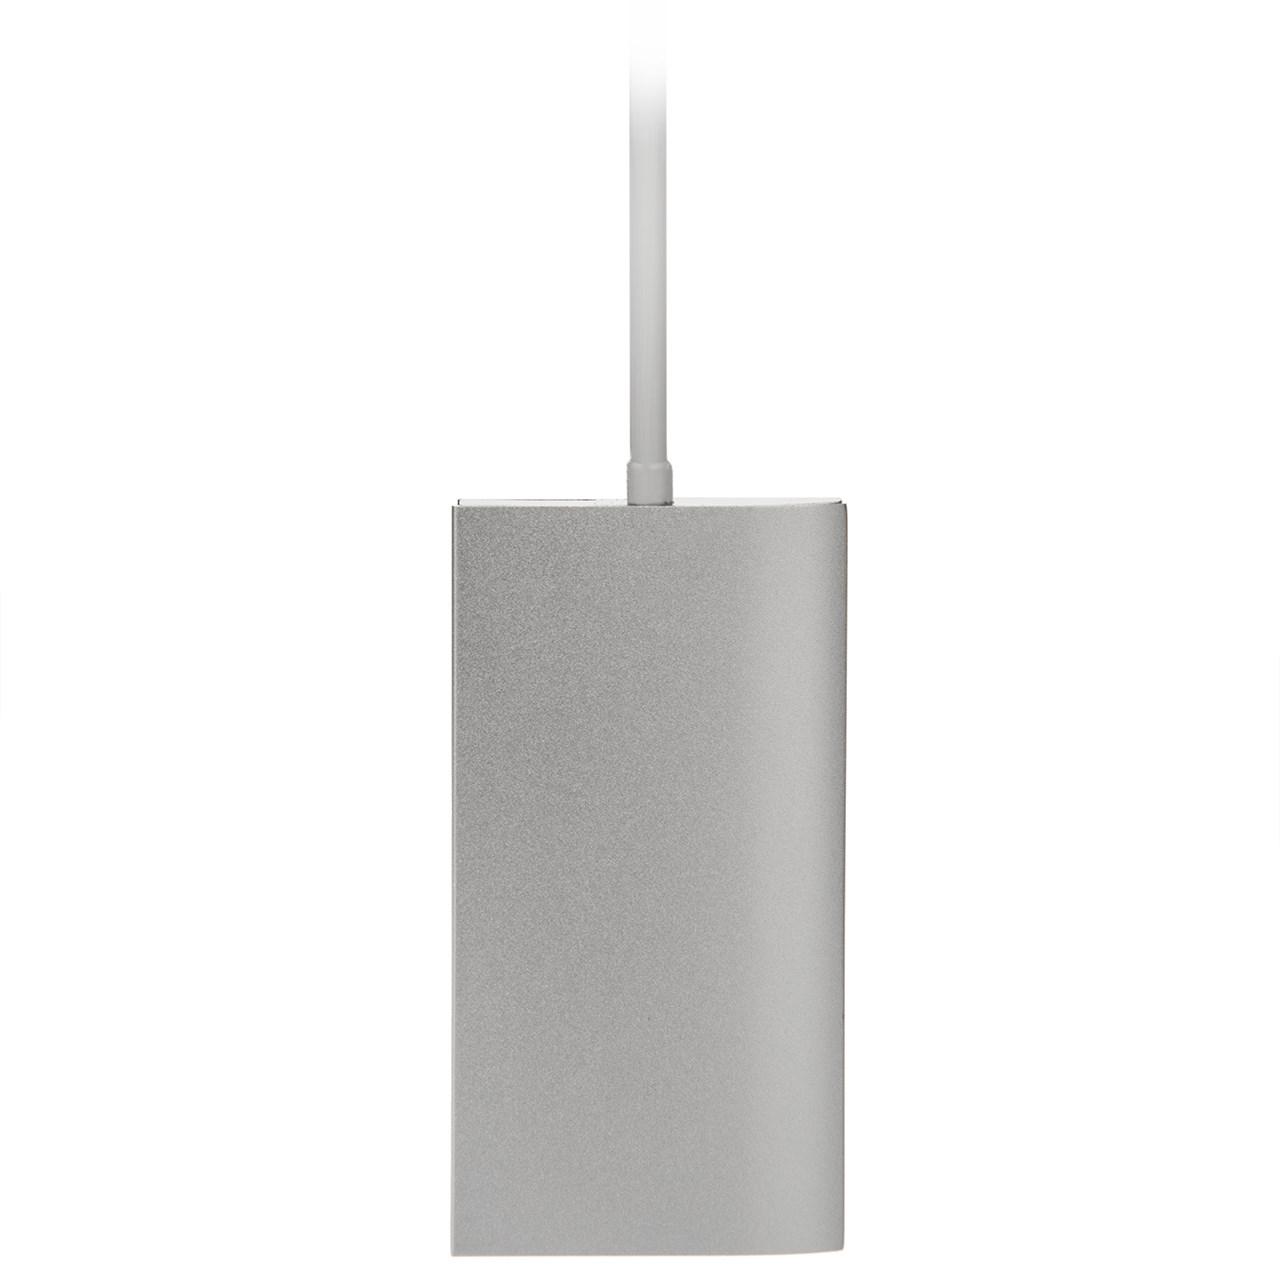 هاب USB 3.0 چهار پورت تسکو مدل THU 1154